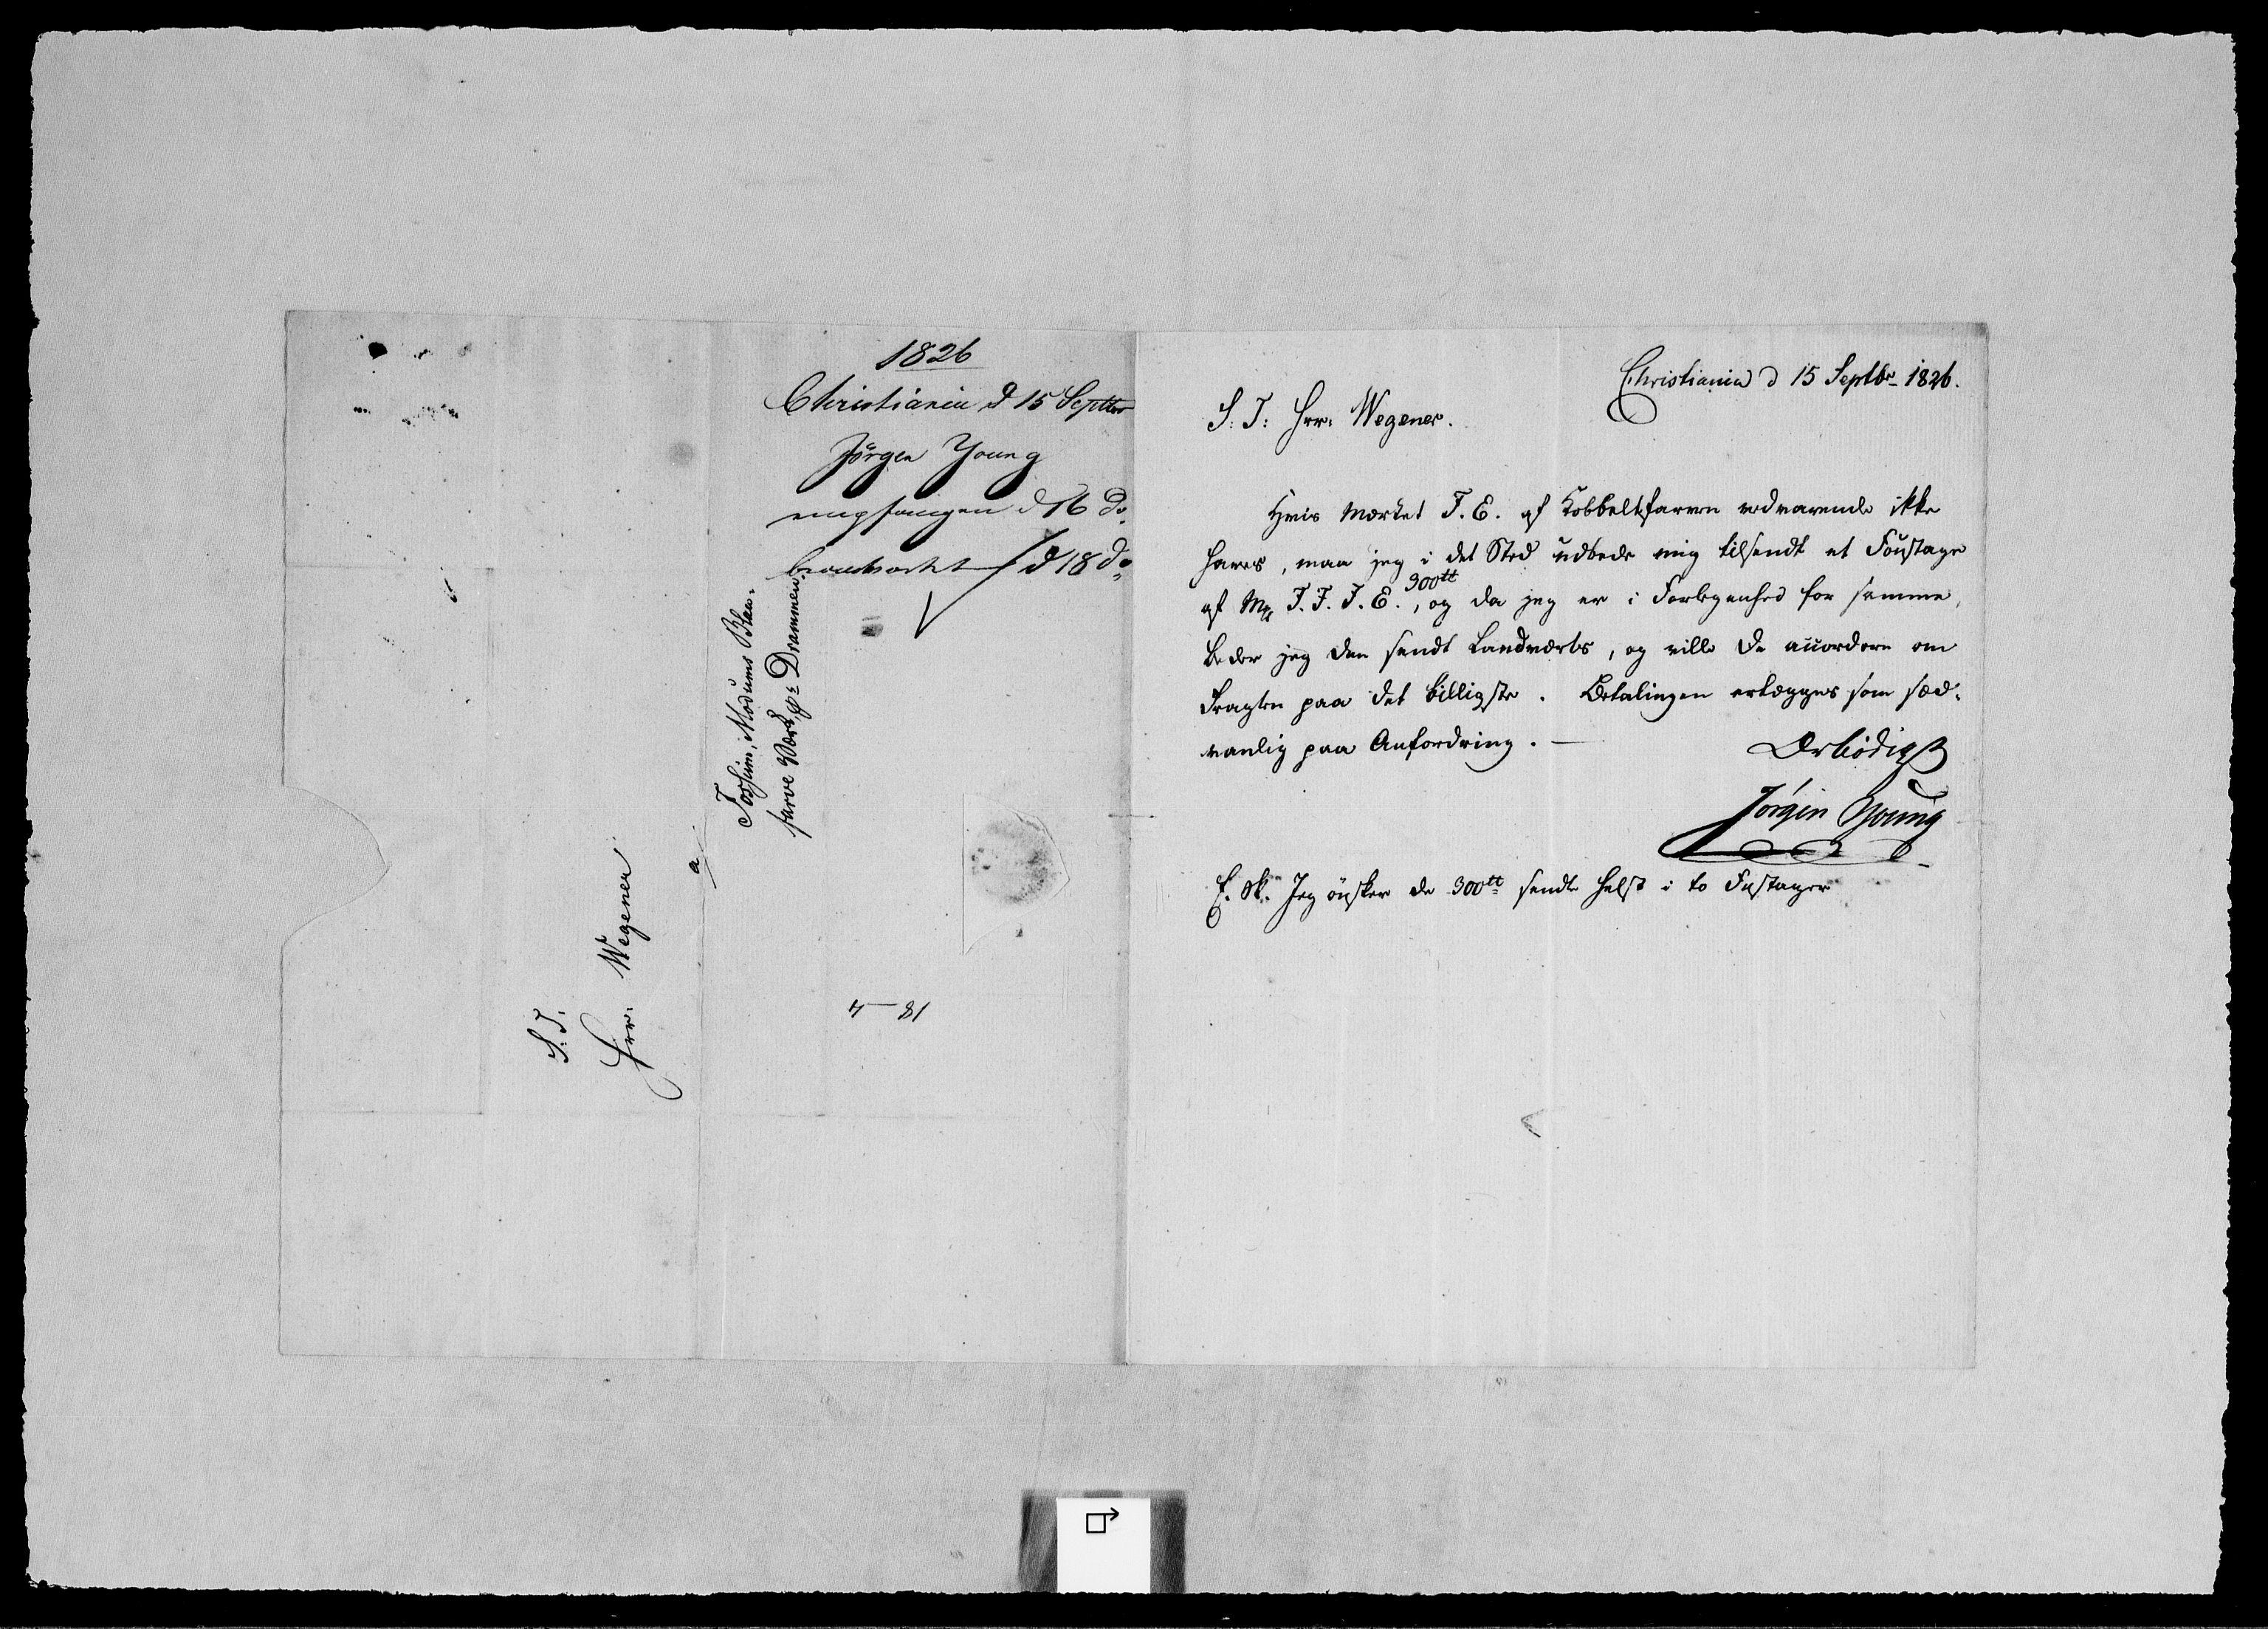 RA, Modums Blaafarveværk, G/Gb/L0098, 1826-1827, s. 2